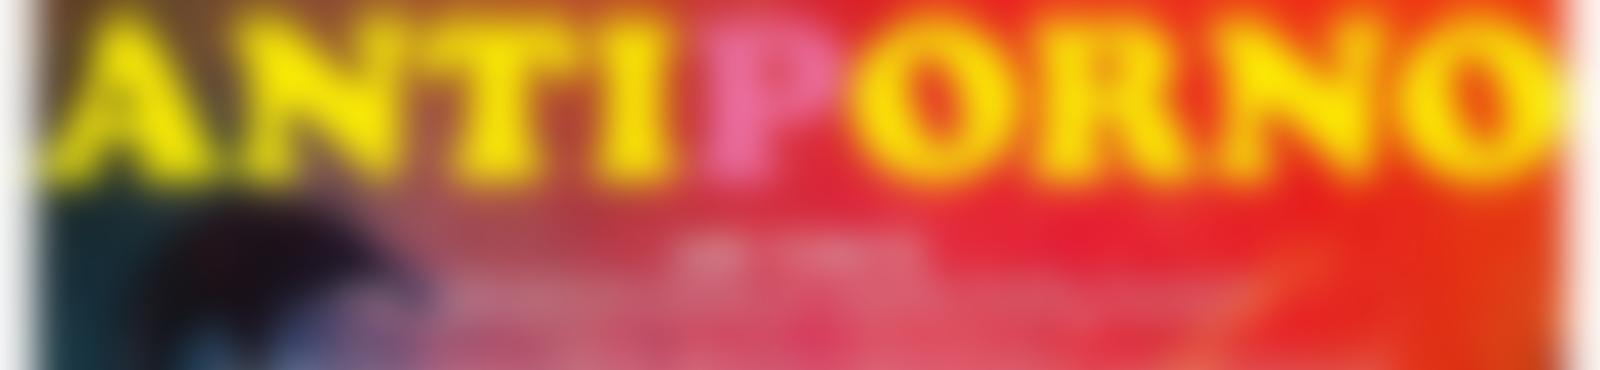 Blurred 67016b1b 3268 4b8c 808f 39323ef3fce6